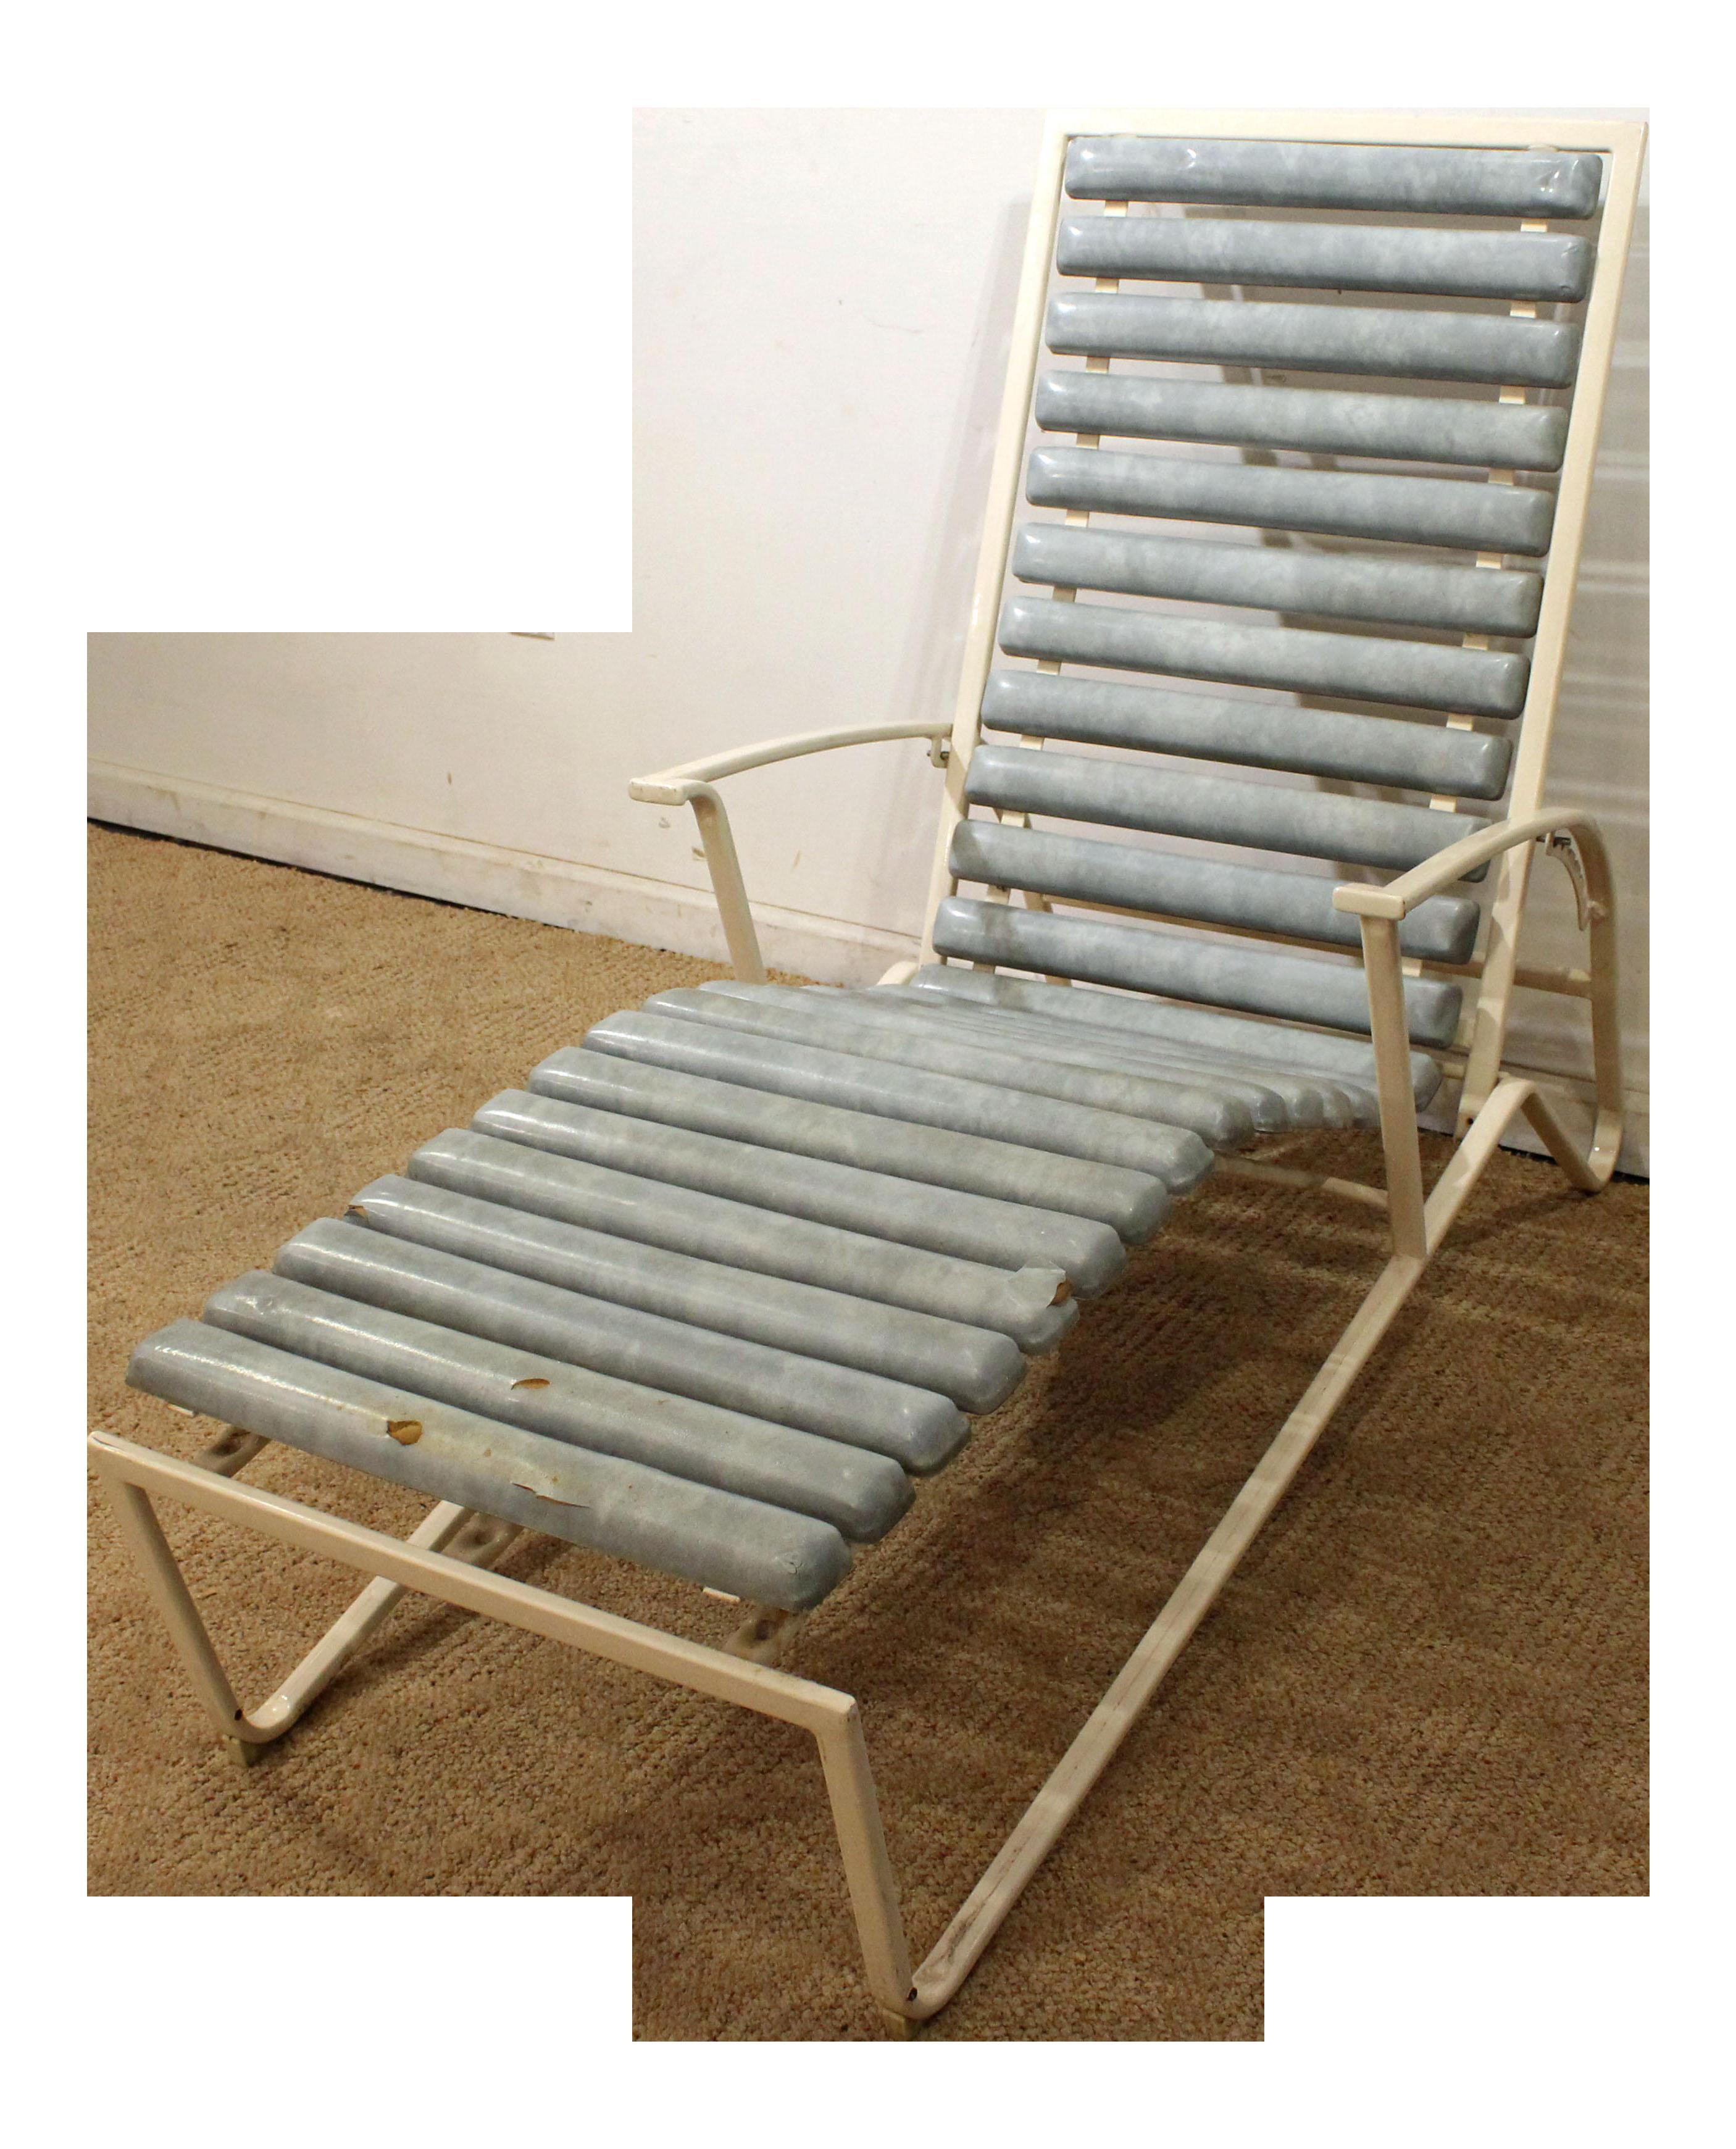 Mid century danish modern samsonite outdoor patio metal lounge chair chairish